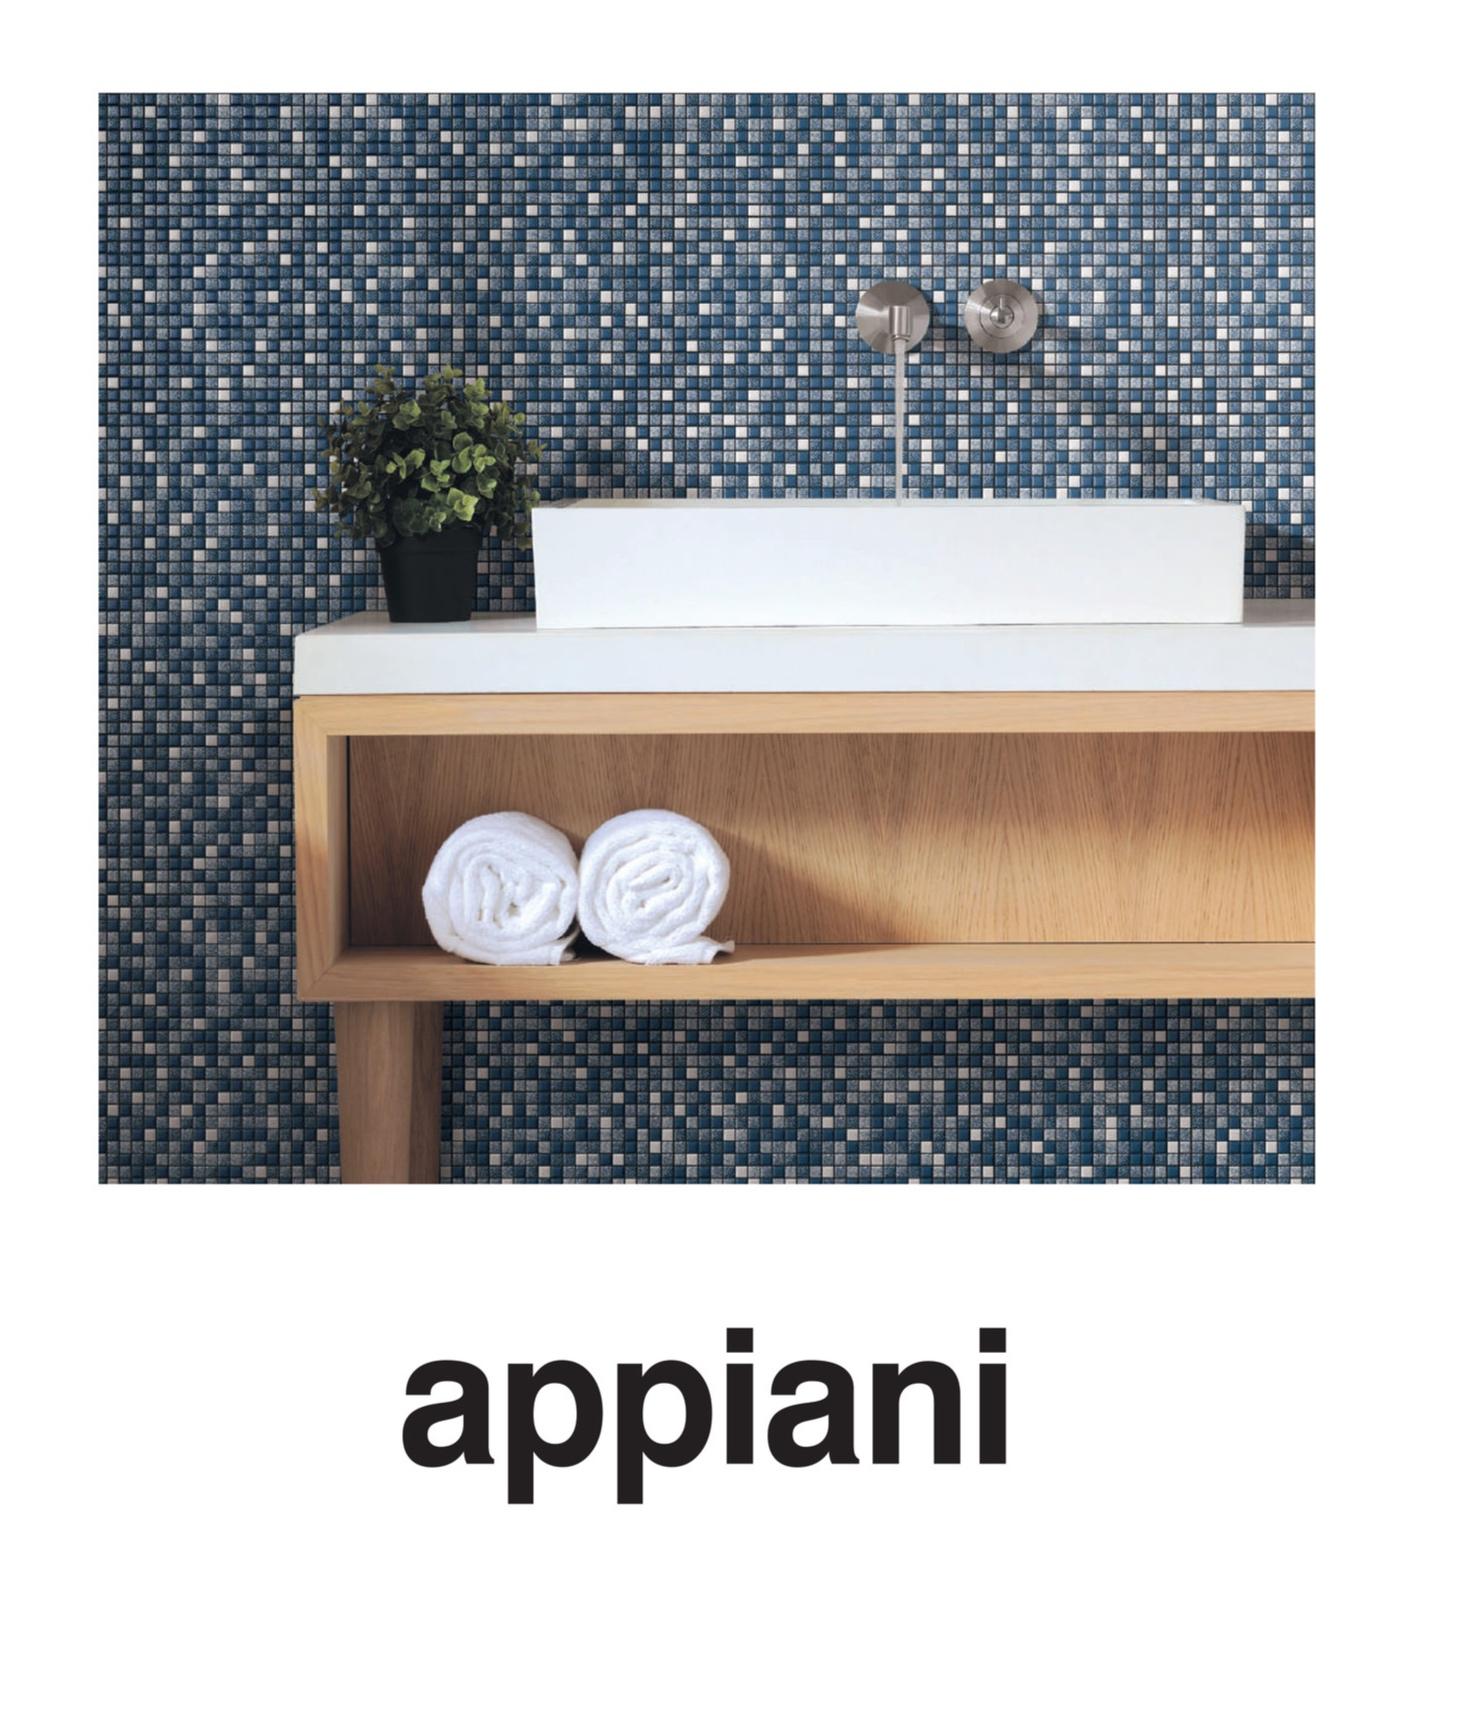 Appiani è ceramica per l'architettura ad alto contenuto estetico per la massima espressione della creatività legata alla funzionalità.. Singoli prodotti e moduli compositi che i progettisti sono liberi di articolare in disegni e composizioni di forte valore decorativo e architettonico.